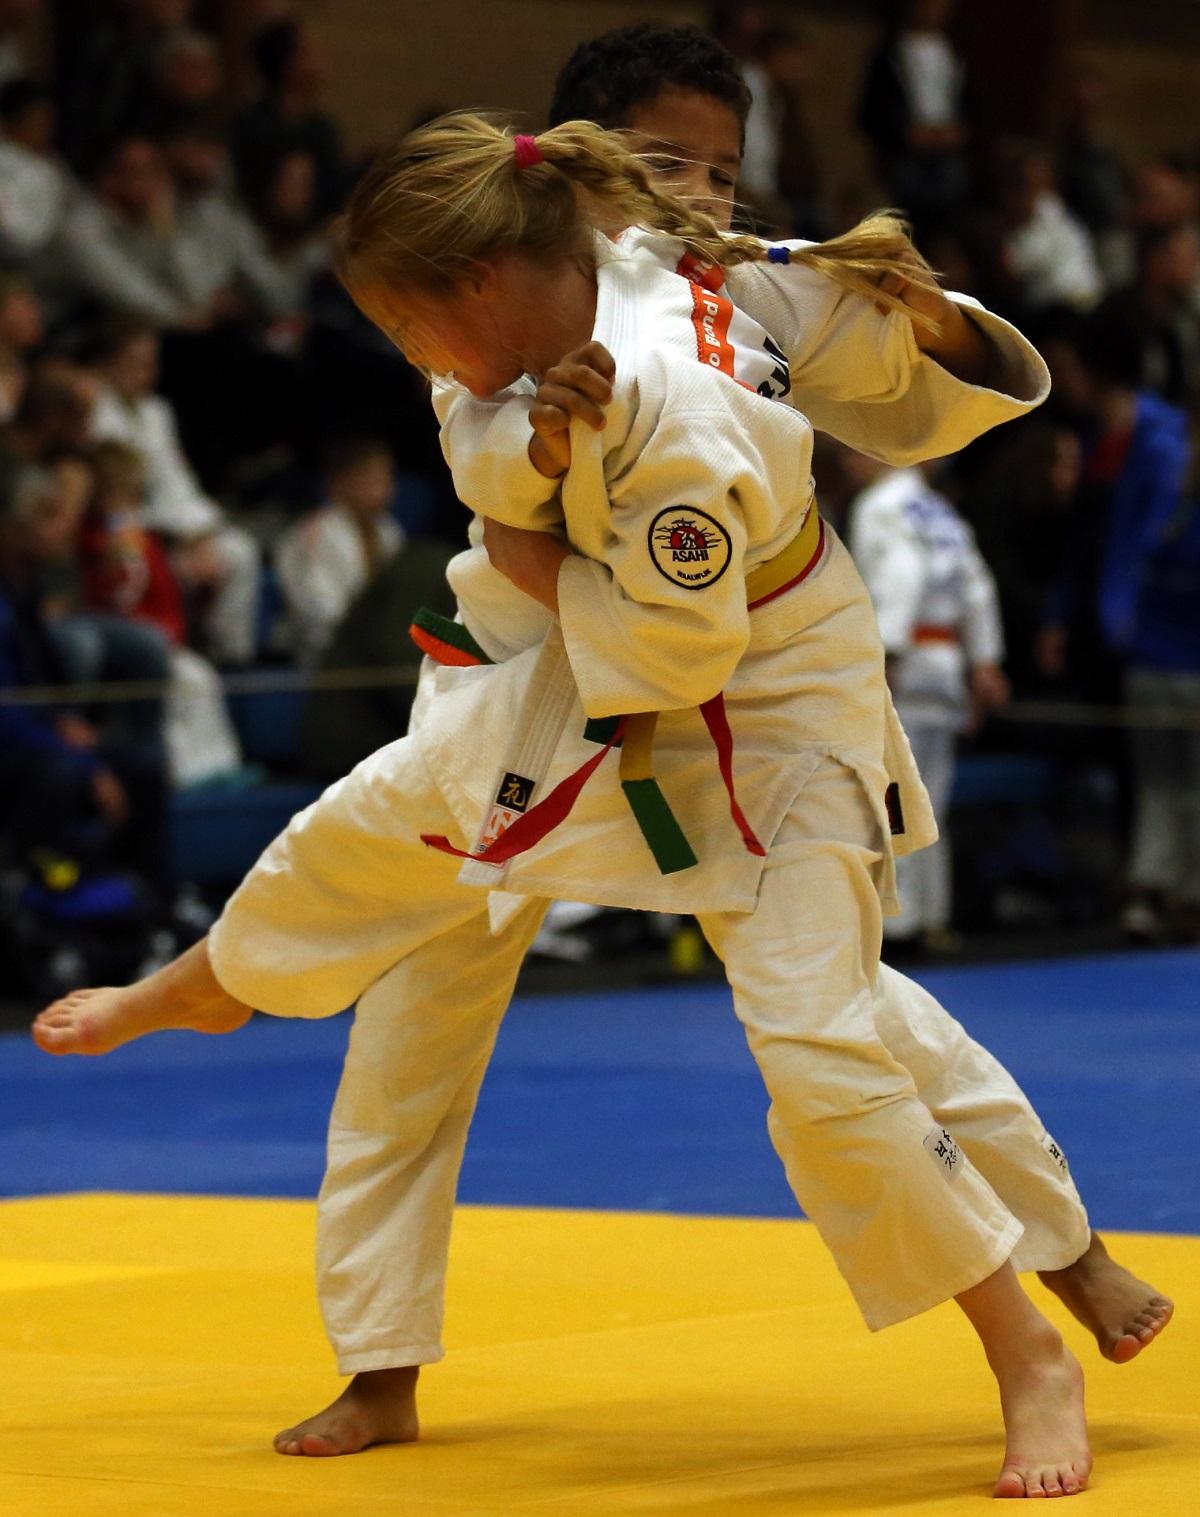 Kayleigh in actie © De Judofotograaf